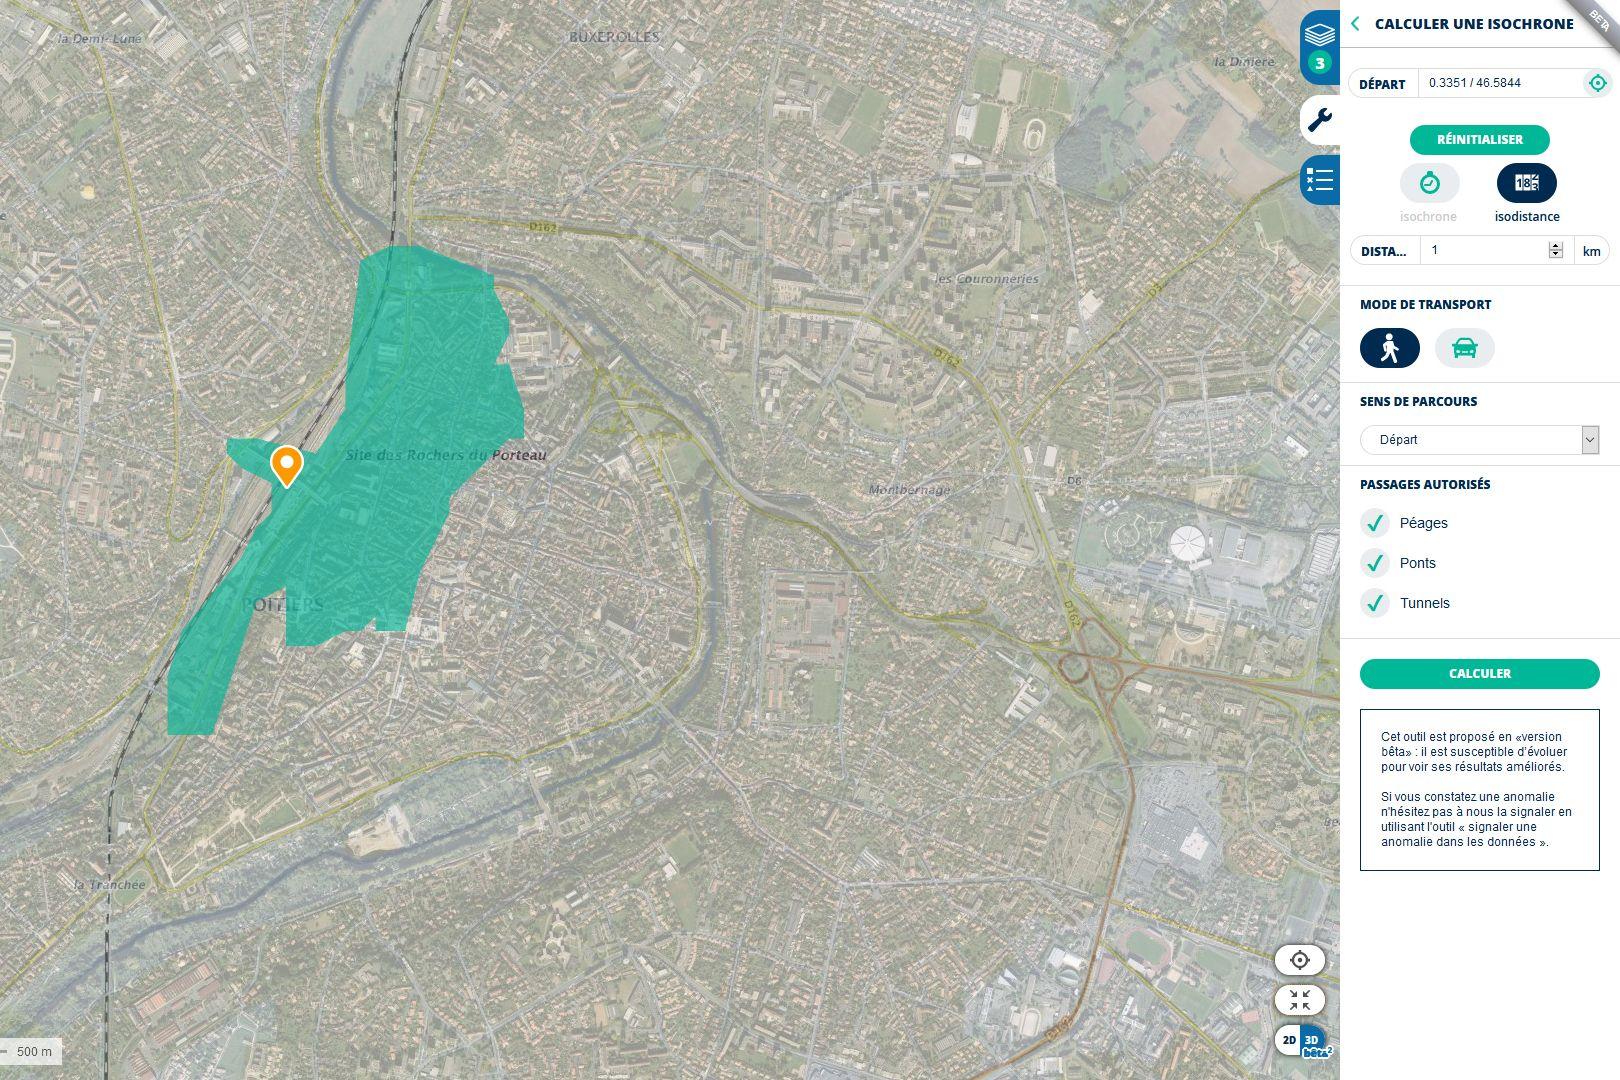 Géoportail pour visualiser la zone d'1 km du déplacement dérogatoire